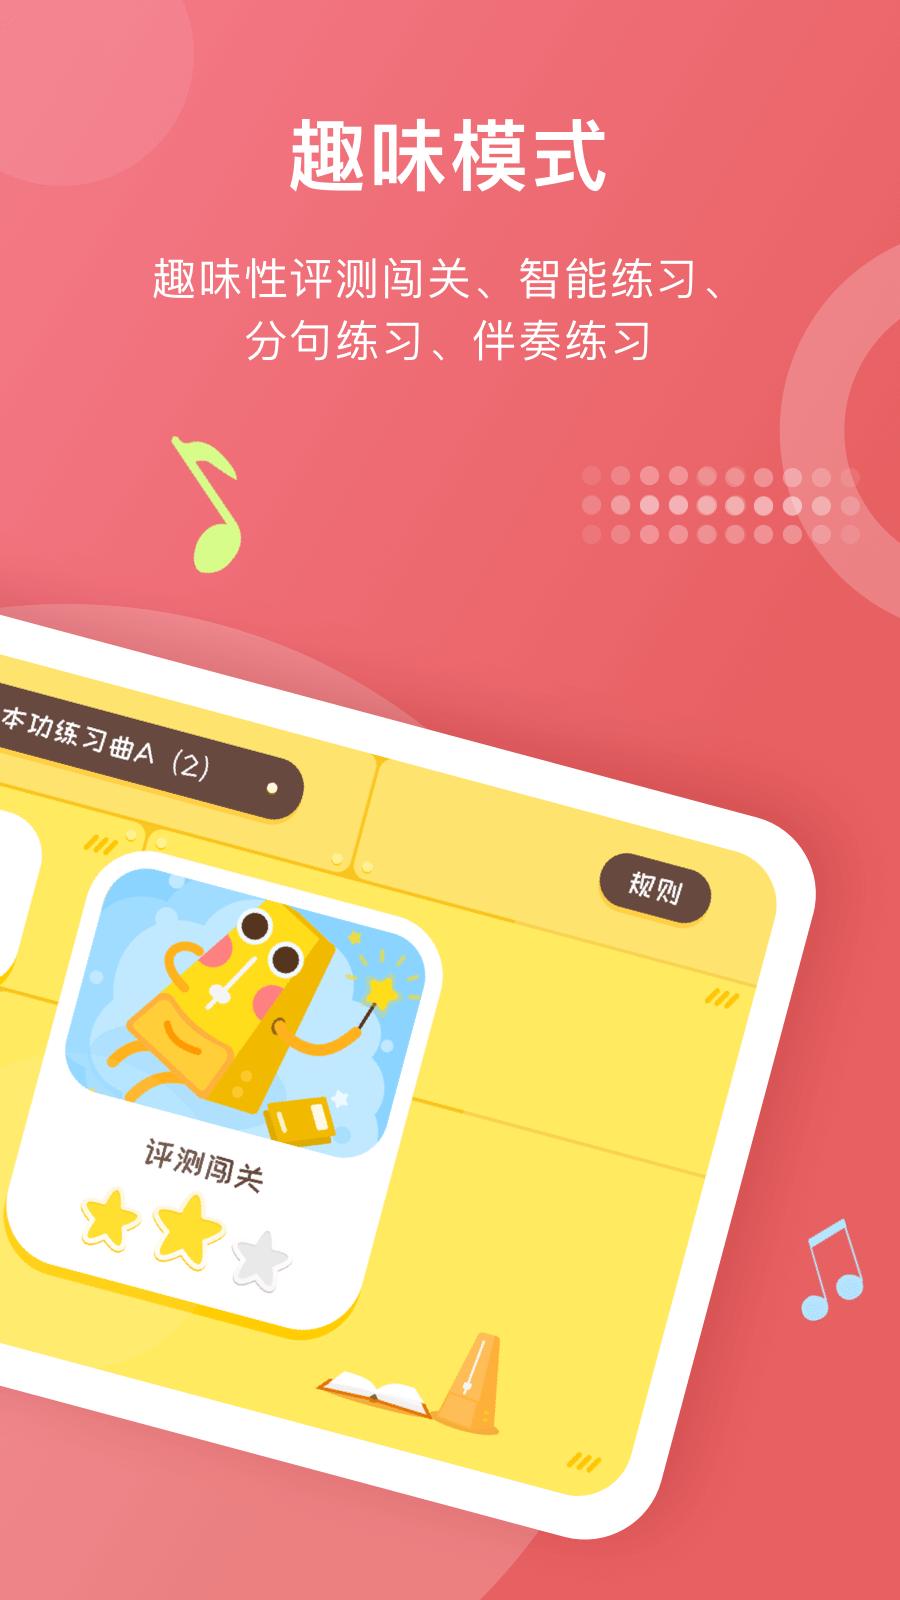 爱小艺学生 V1.3.2 安卓版截图2